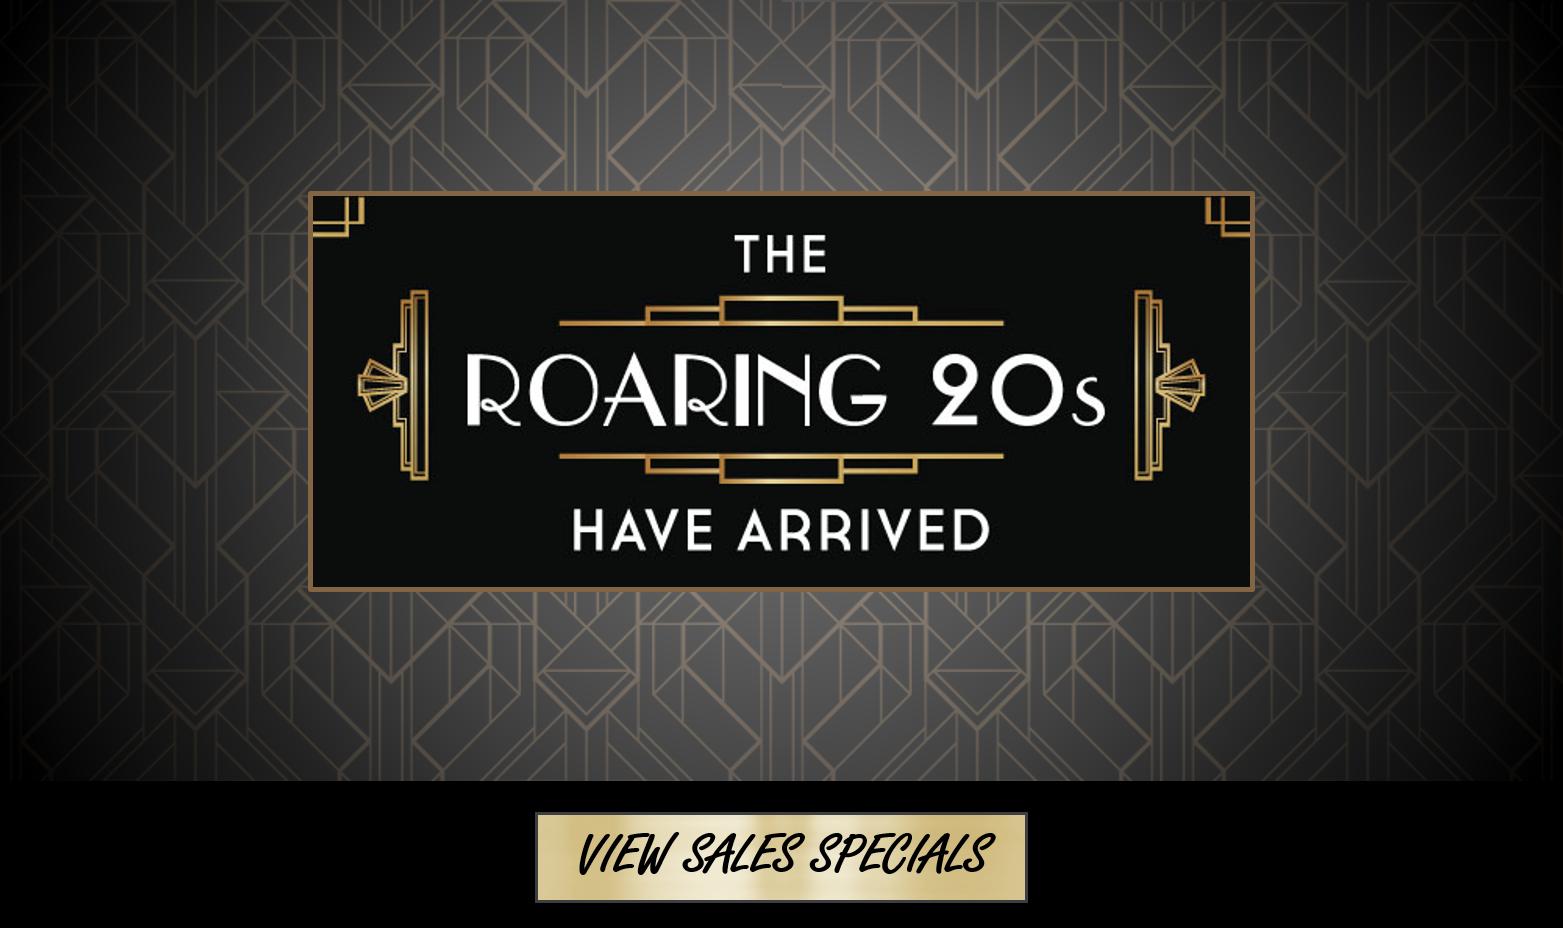 Roaring 20s Sales Specials